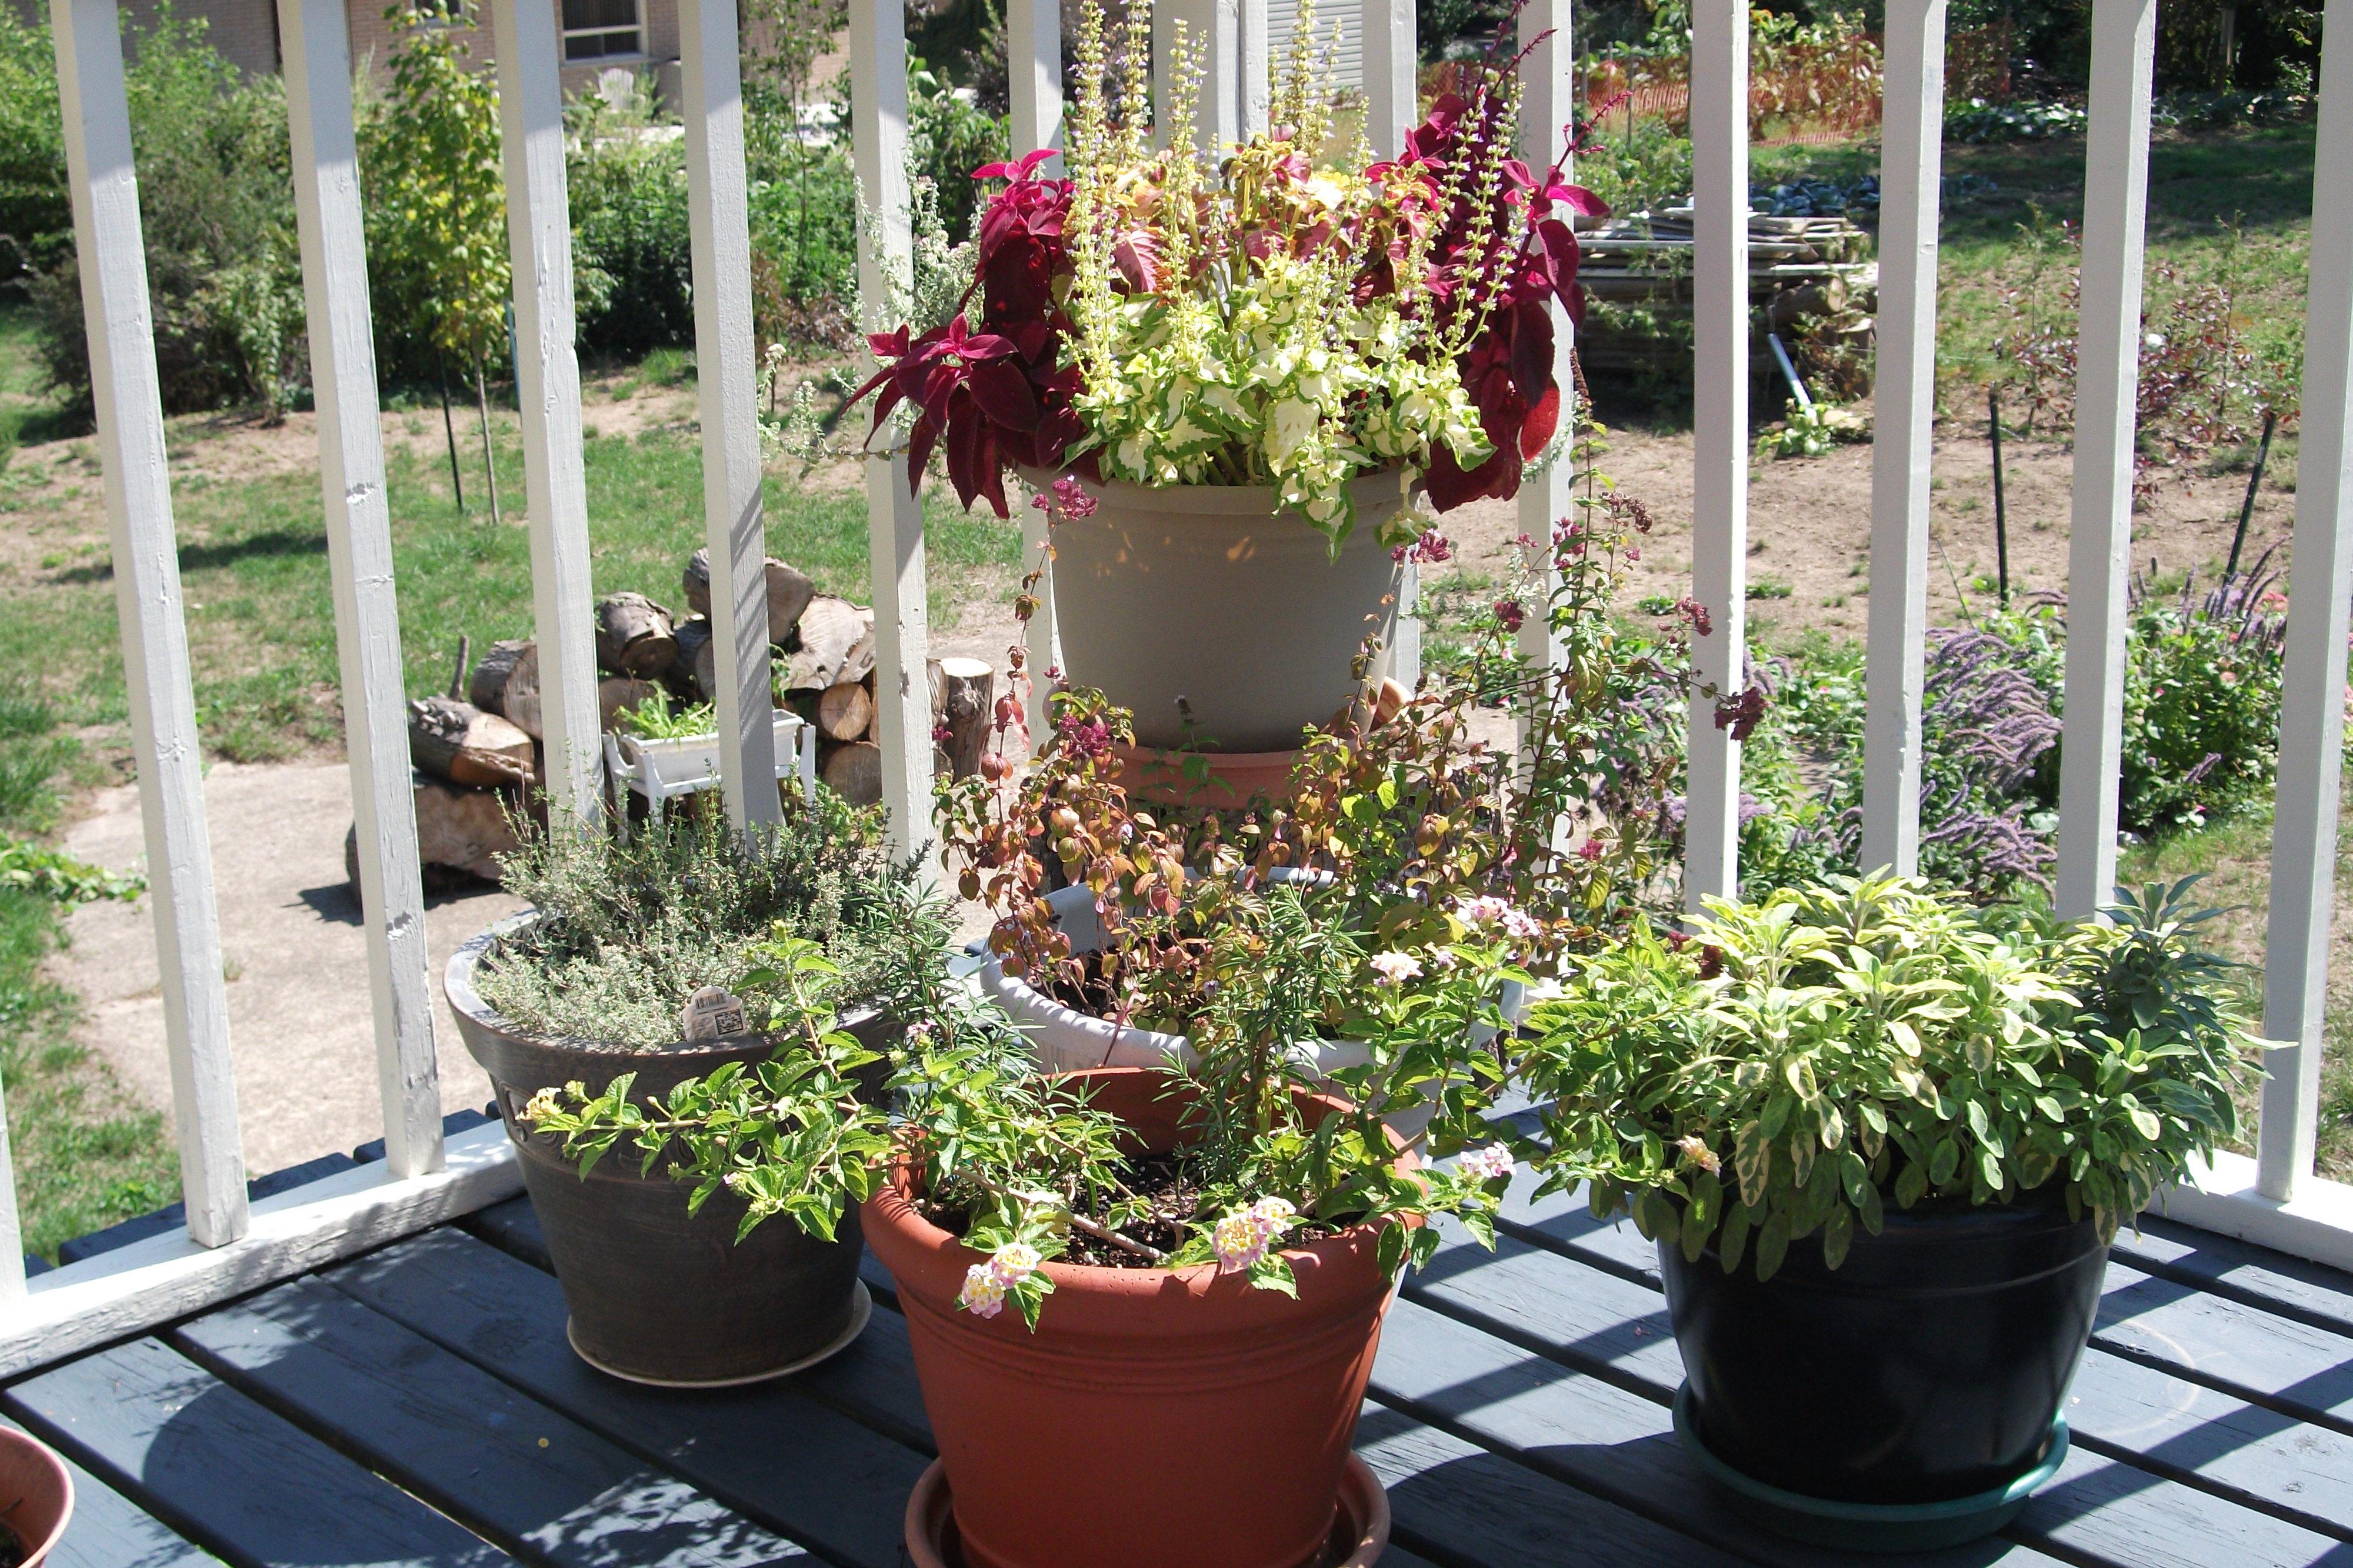 Arbustos de interior simple perfect plantas semillas de flores semillas de bonsai de arce - Semillas de interior ...